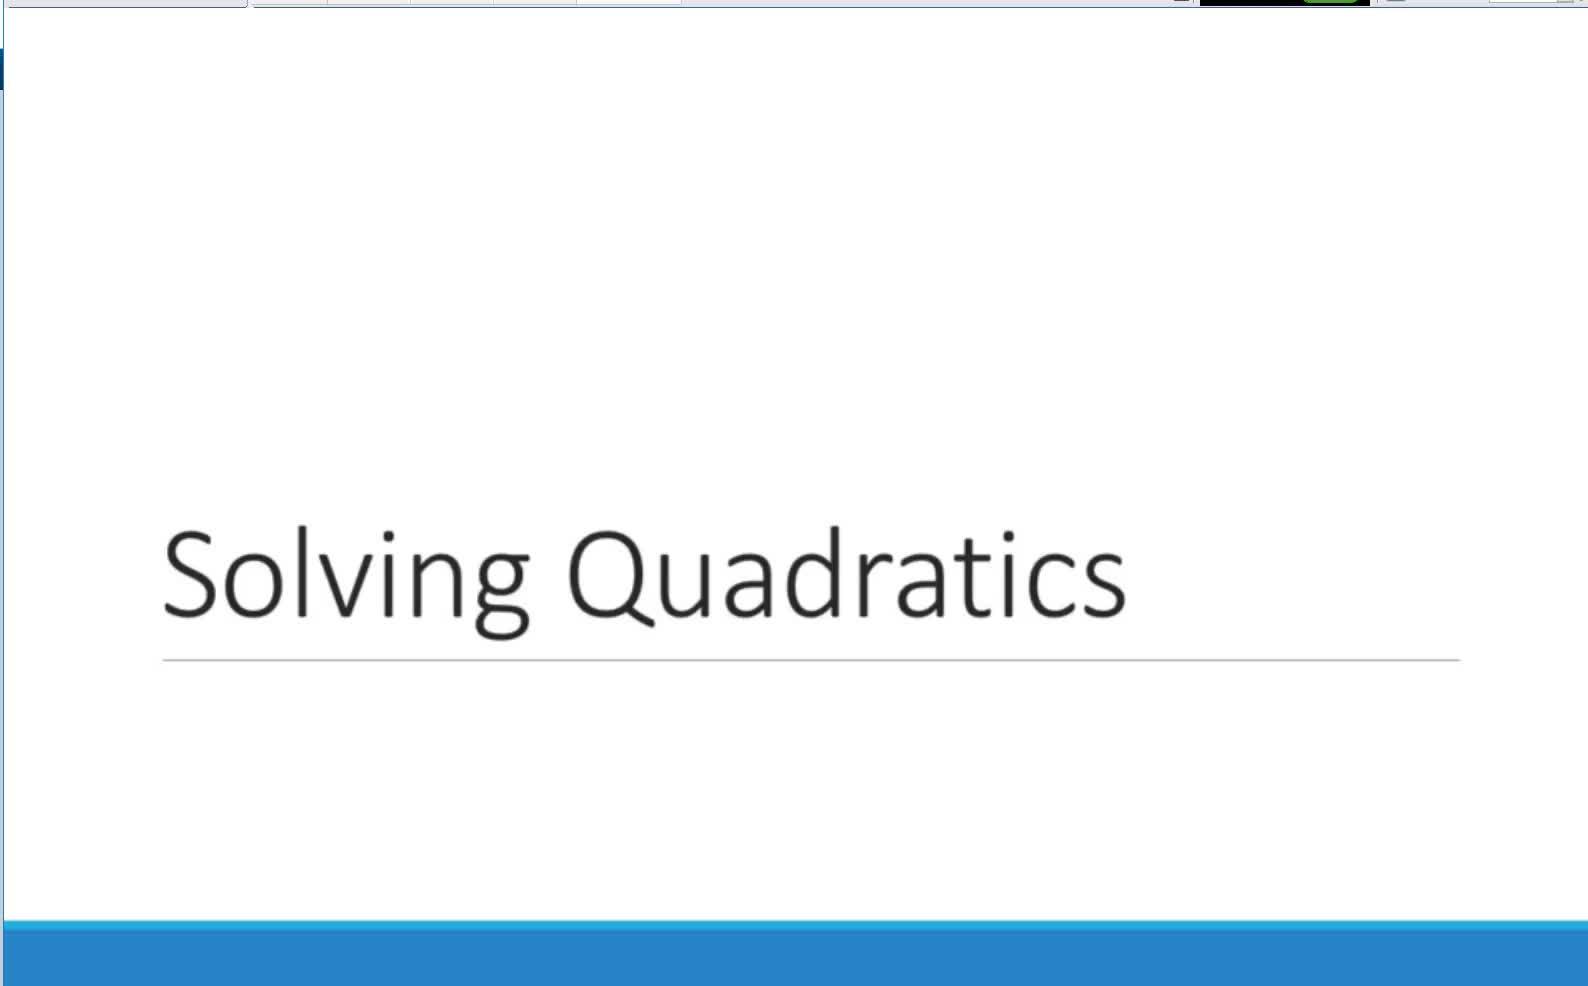 Solving Quadratics with no linear term